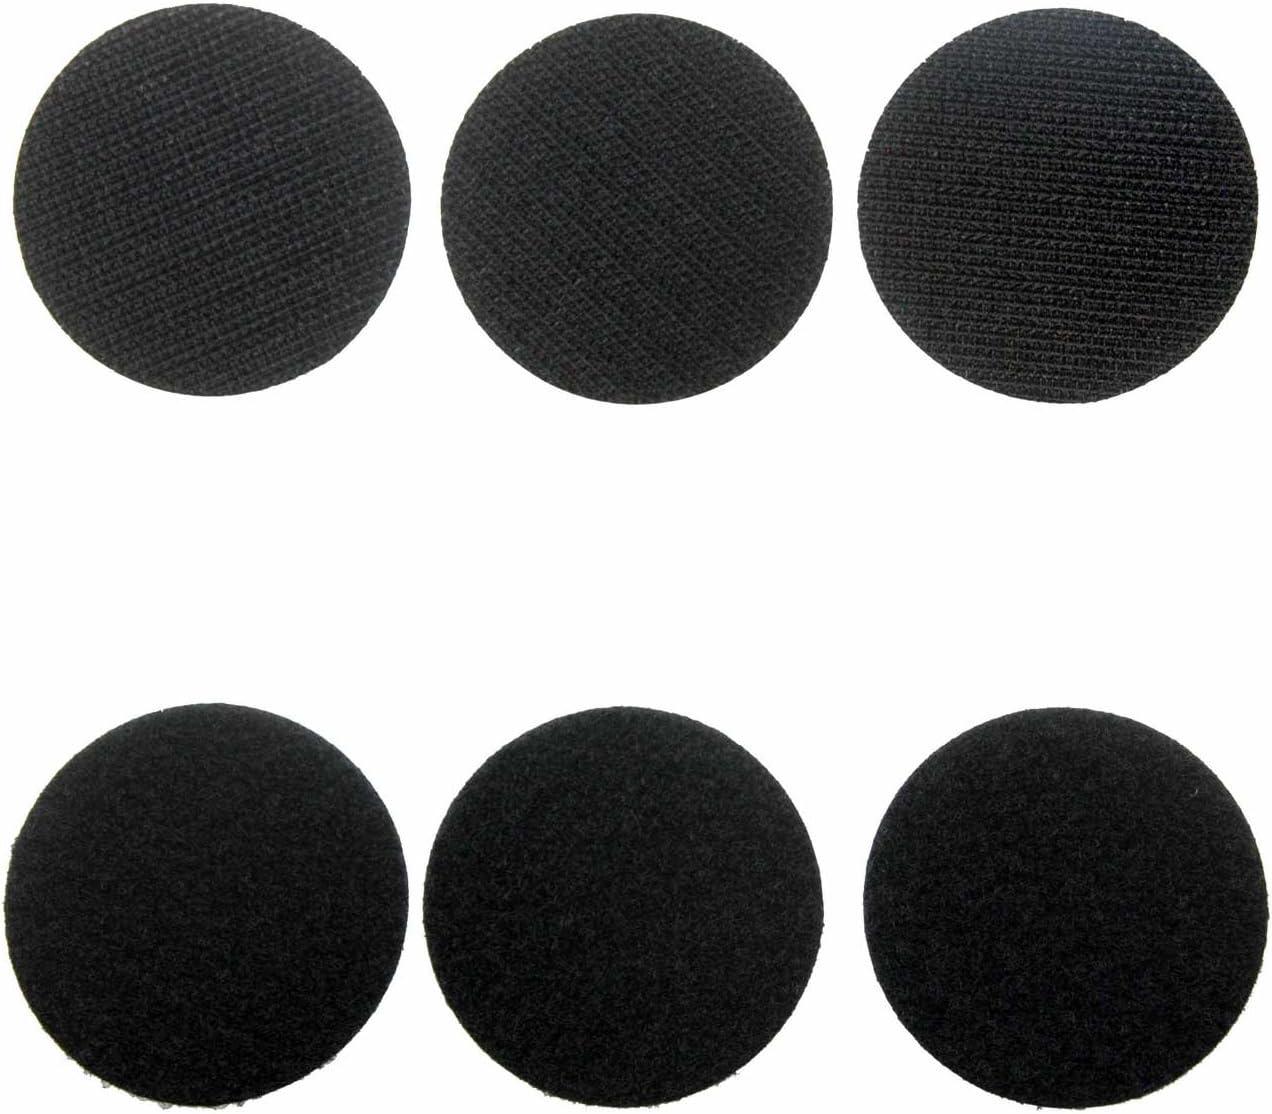 6 cm schwarze Klettband Kleidungsst/ücke Self Adhesive Klebend Klettpunkte Klettverschlussaufkleber f/ür Kunststoff QLOUNI 24 Paare Runde Klettverschluss Glas